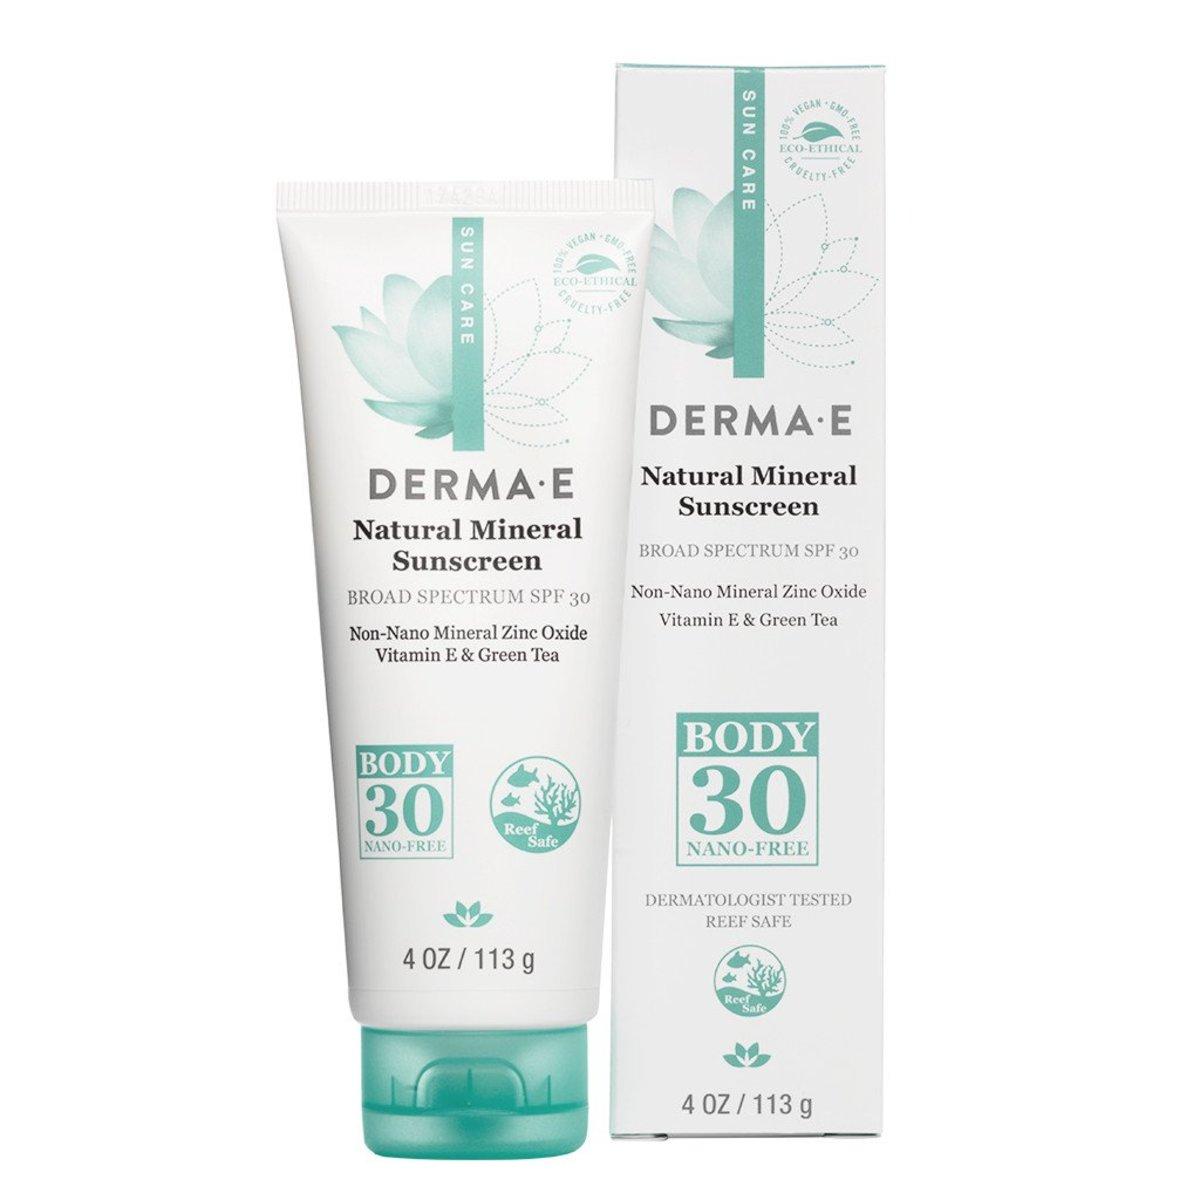 Derma E Natural Mineral Susncreen SPF 30